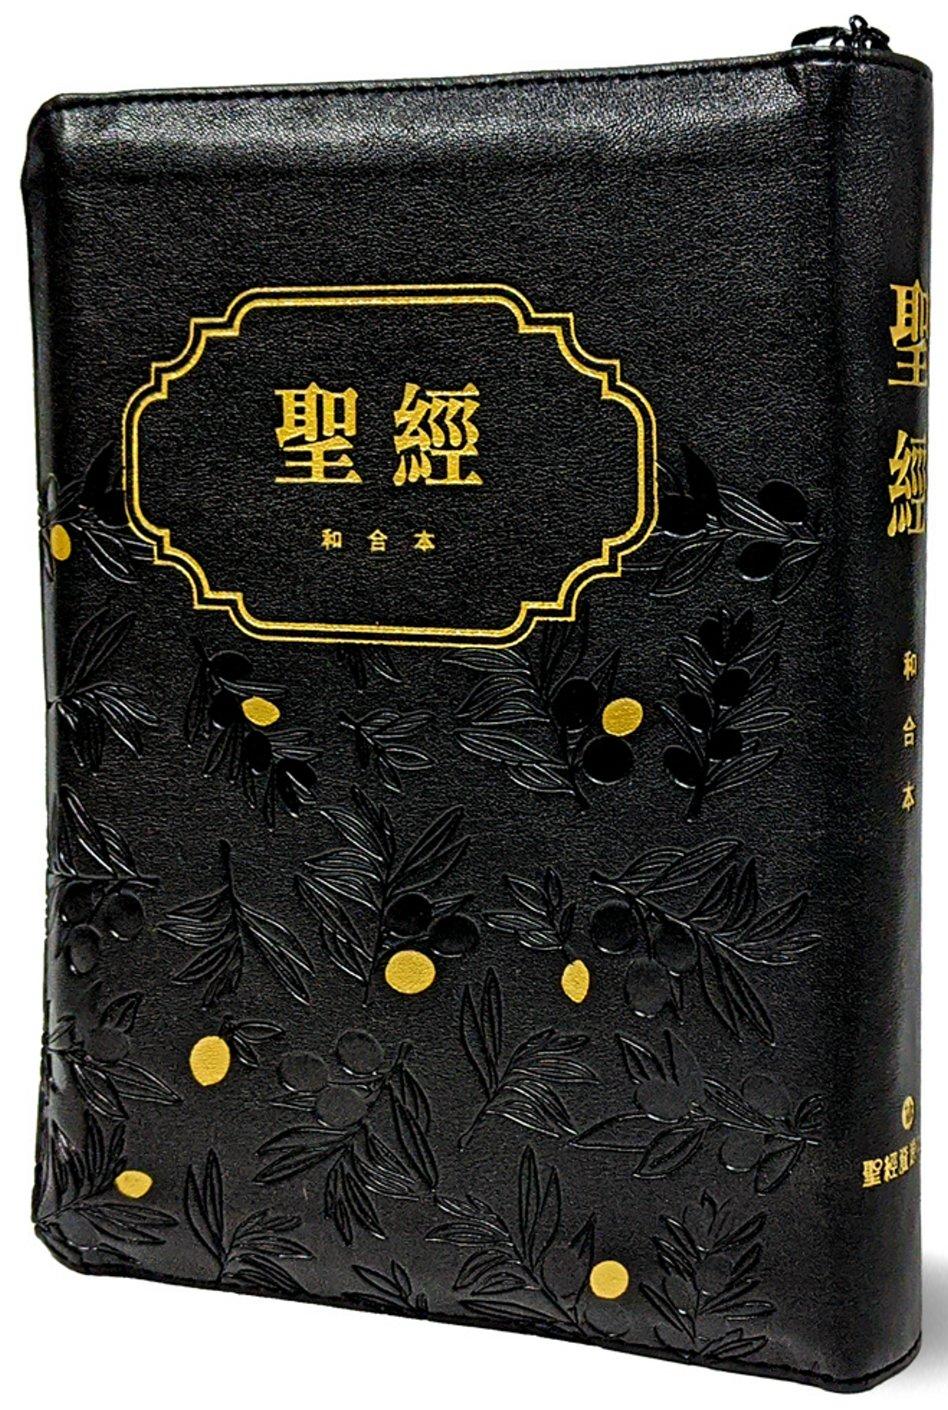 聖經:和合本(褐金色儷皮壓紋拉鍊索引金邊精裝)